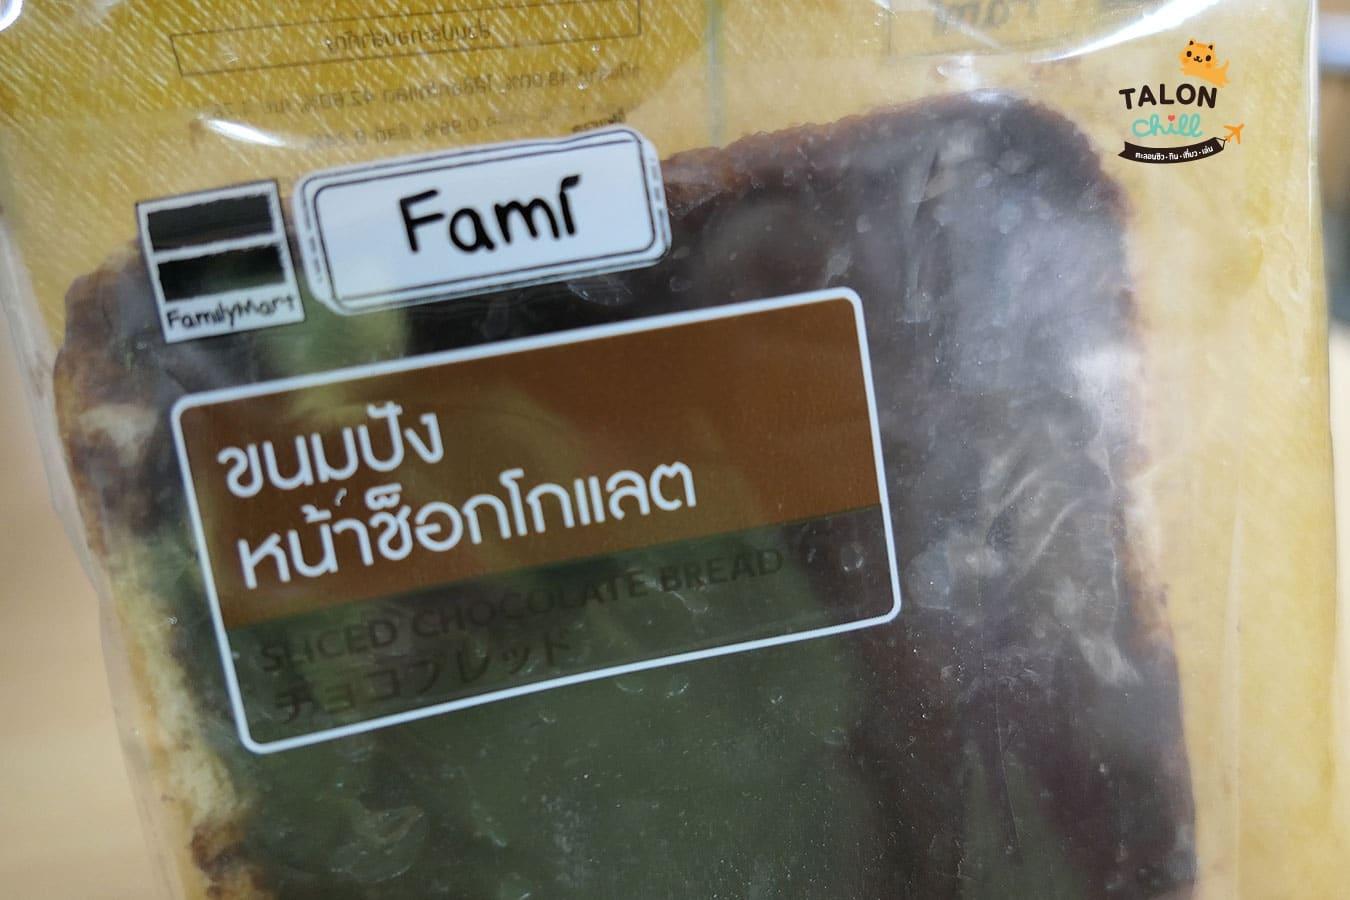 [รีวิว] ขนมปังหน้าช็อกโกแลต ราคาประหยัดเป๋า แฟมิลี่มาร์ท